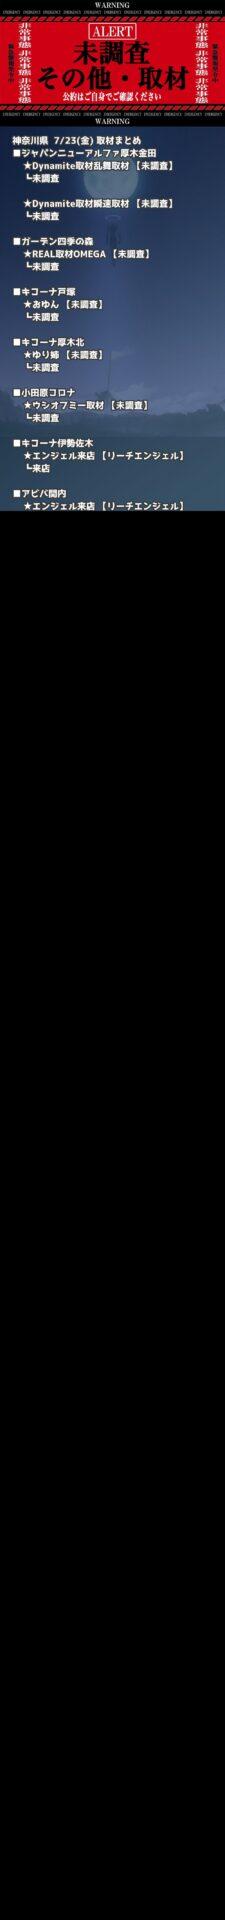 神奈川県_2021-07-23_未調査_パチンコ・パチスロ